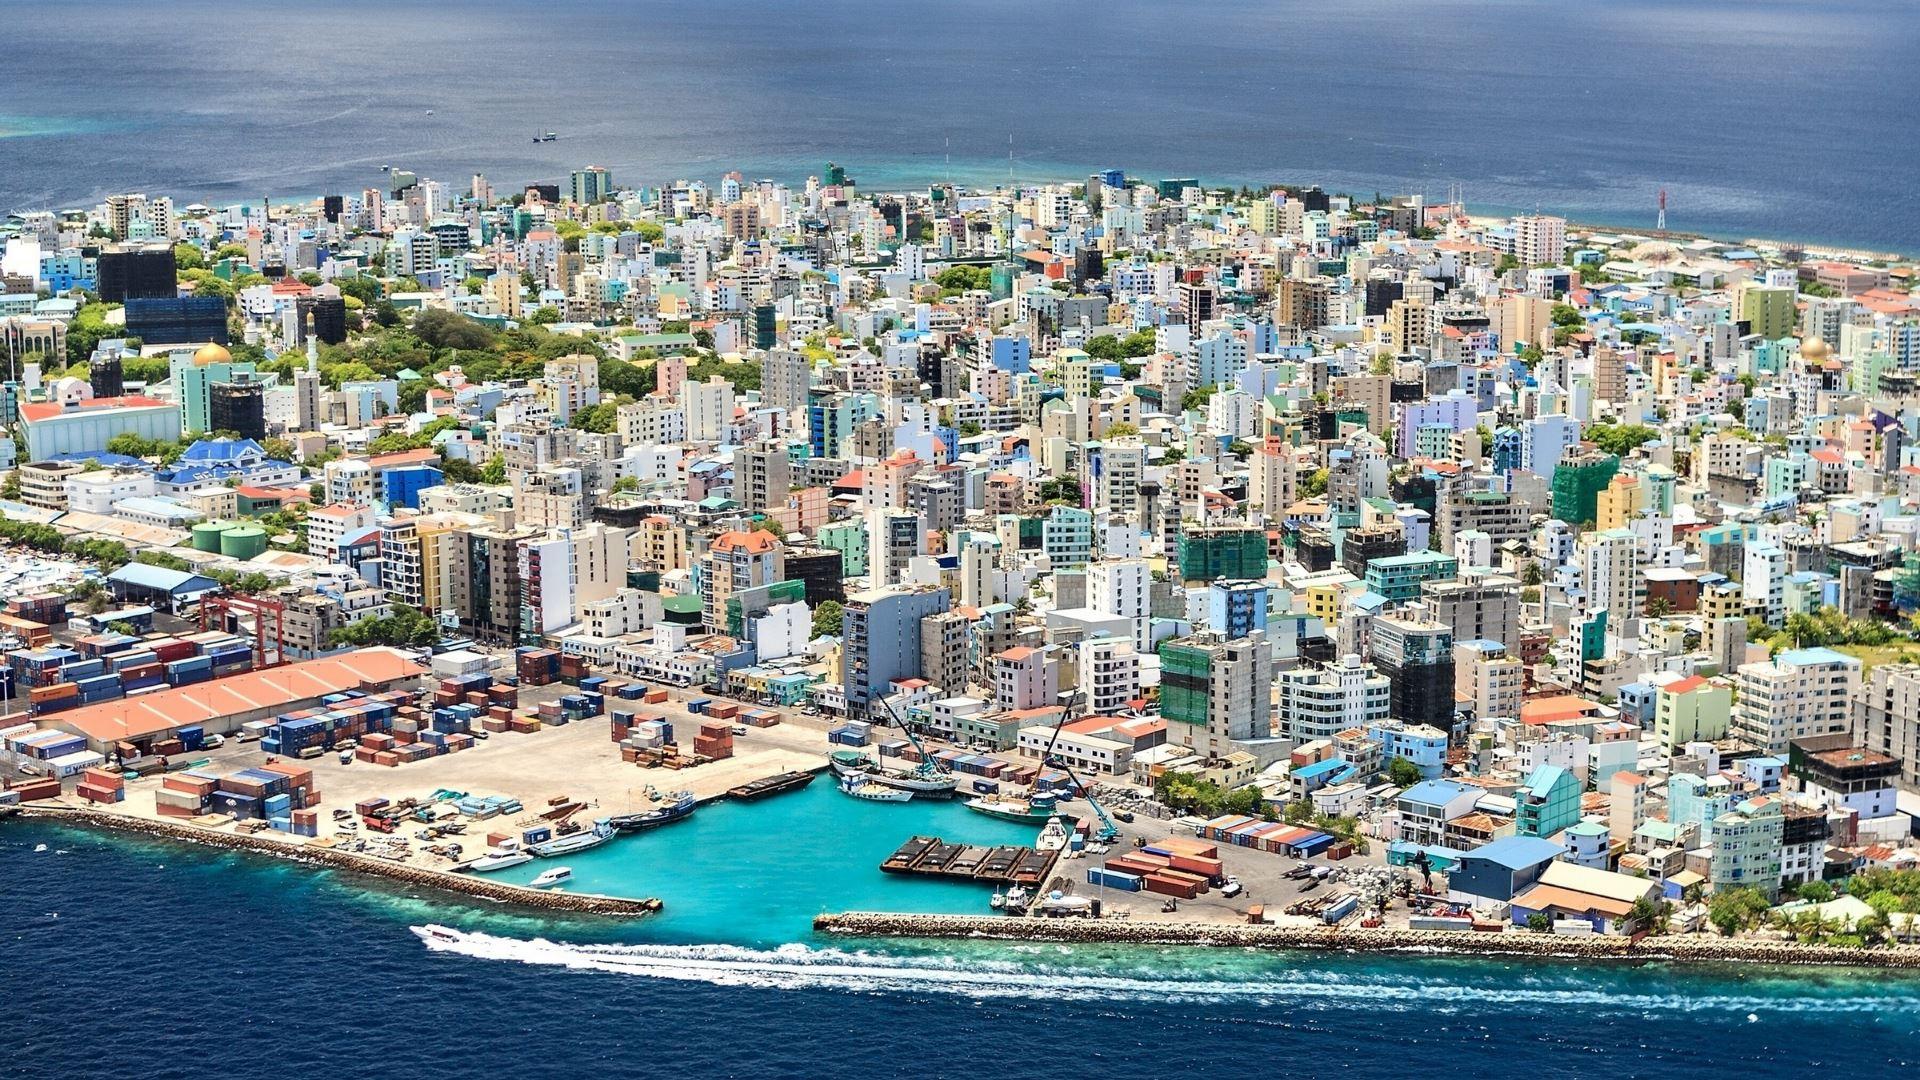 السياحة في ماليه عاصمة المالديف وأهم الأماكن السياحية بها المسافر العربي